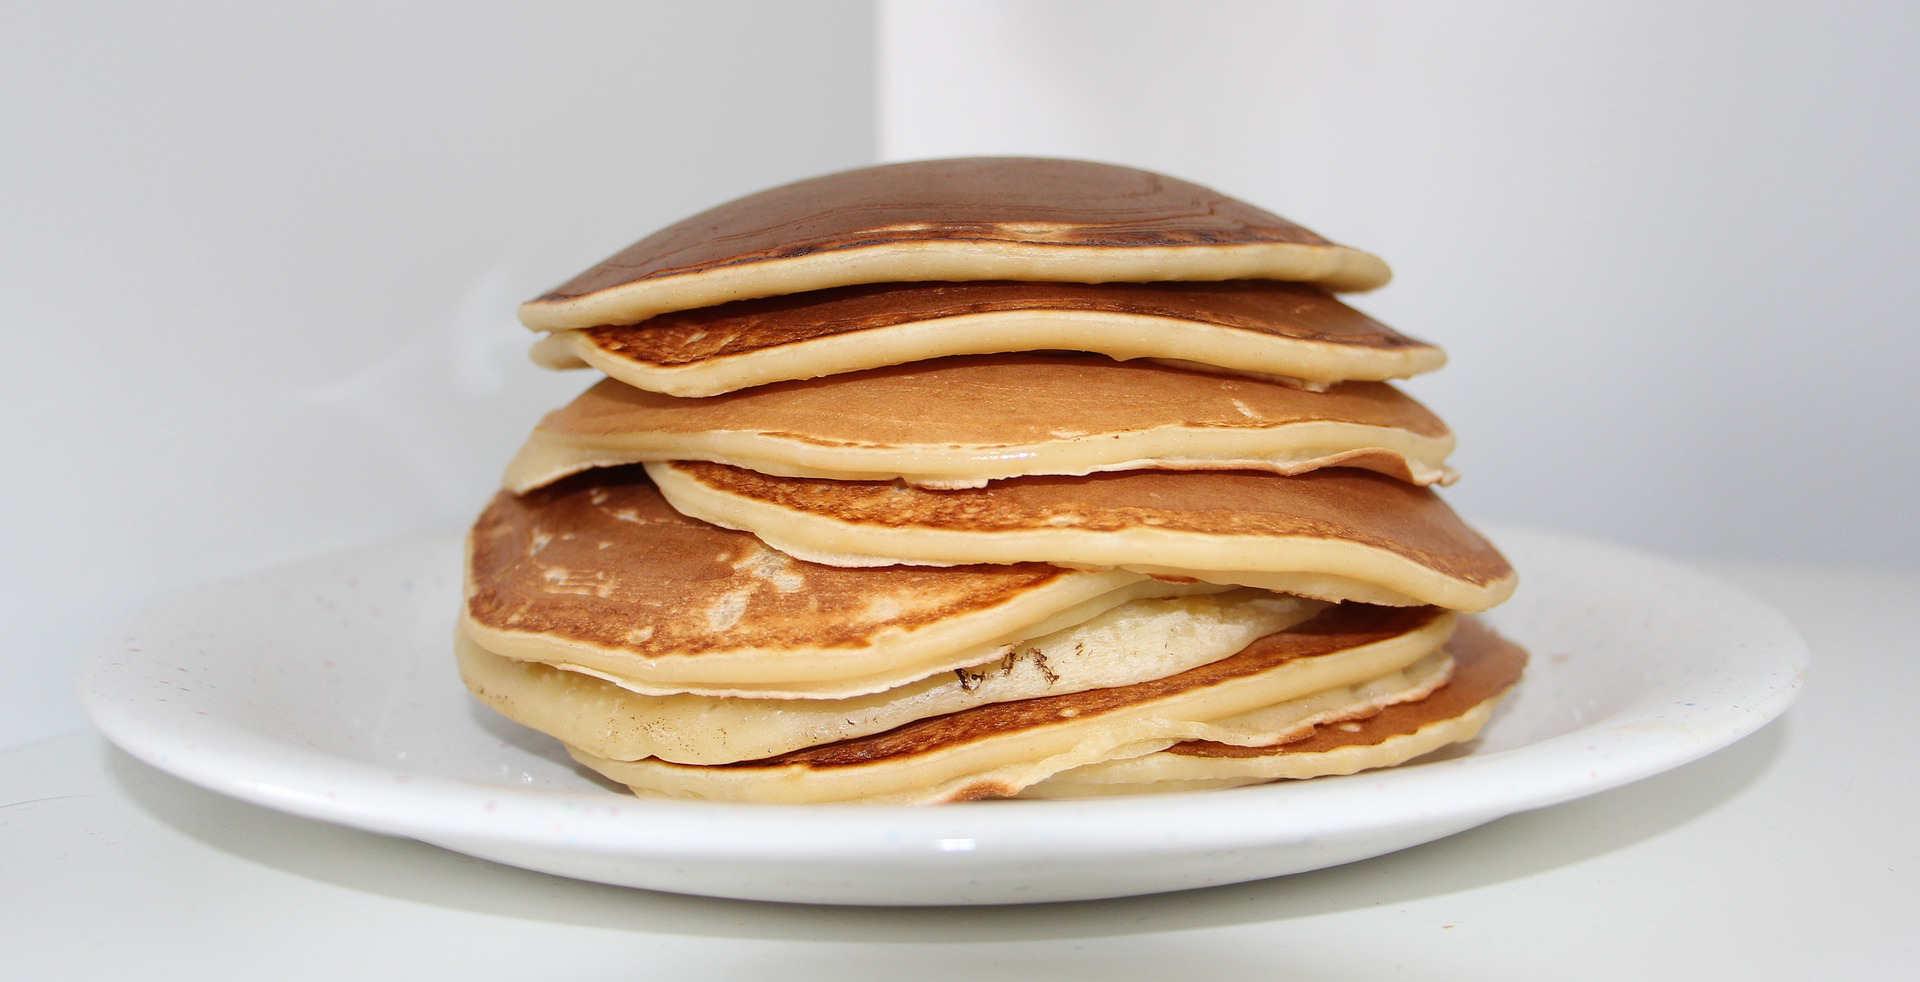 Ricetta Pancake Con Bicarbonato.Come Fare Pancakes Deliziosi Ricette Sia Golose Che Dietetiche